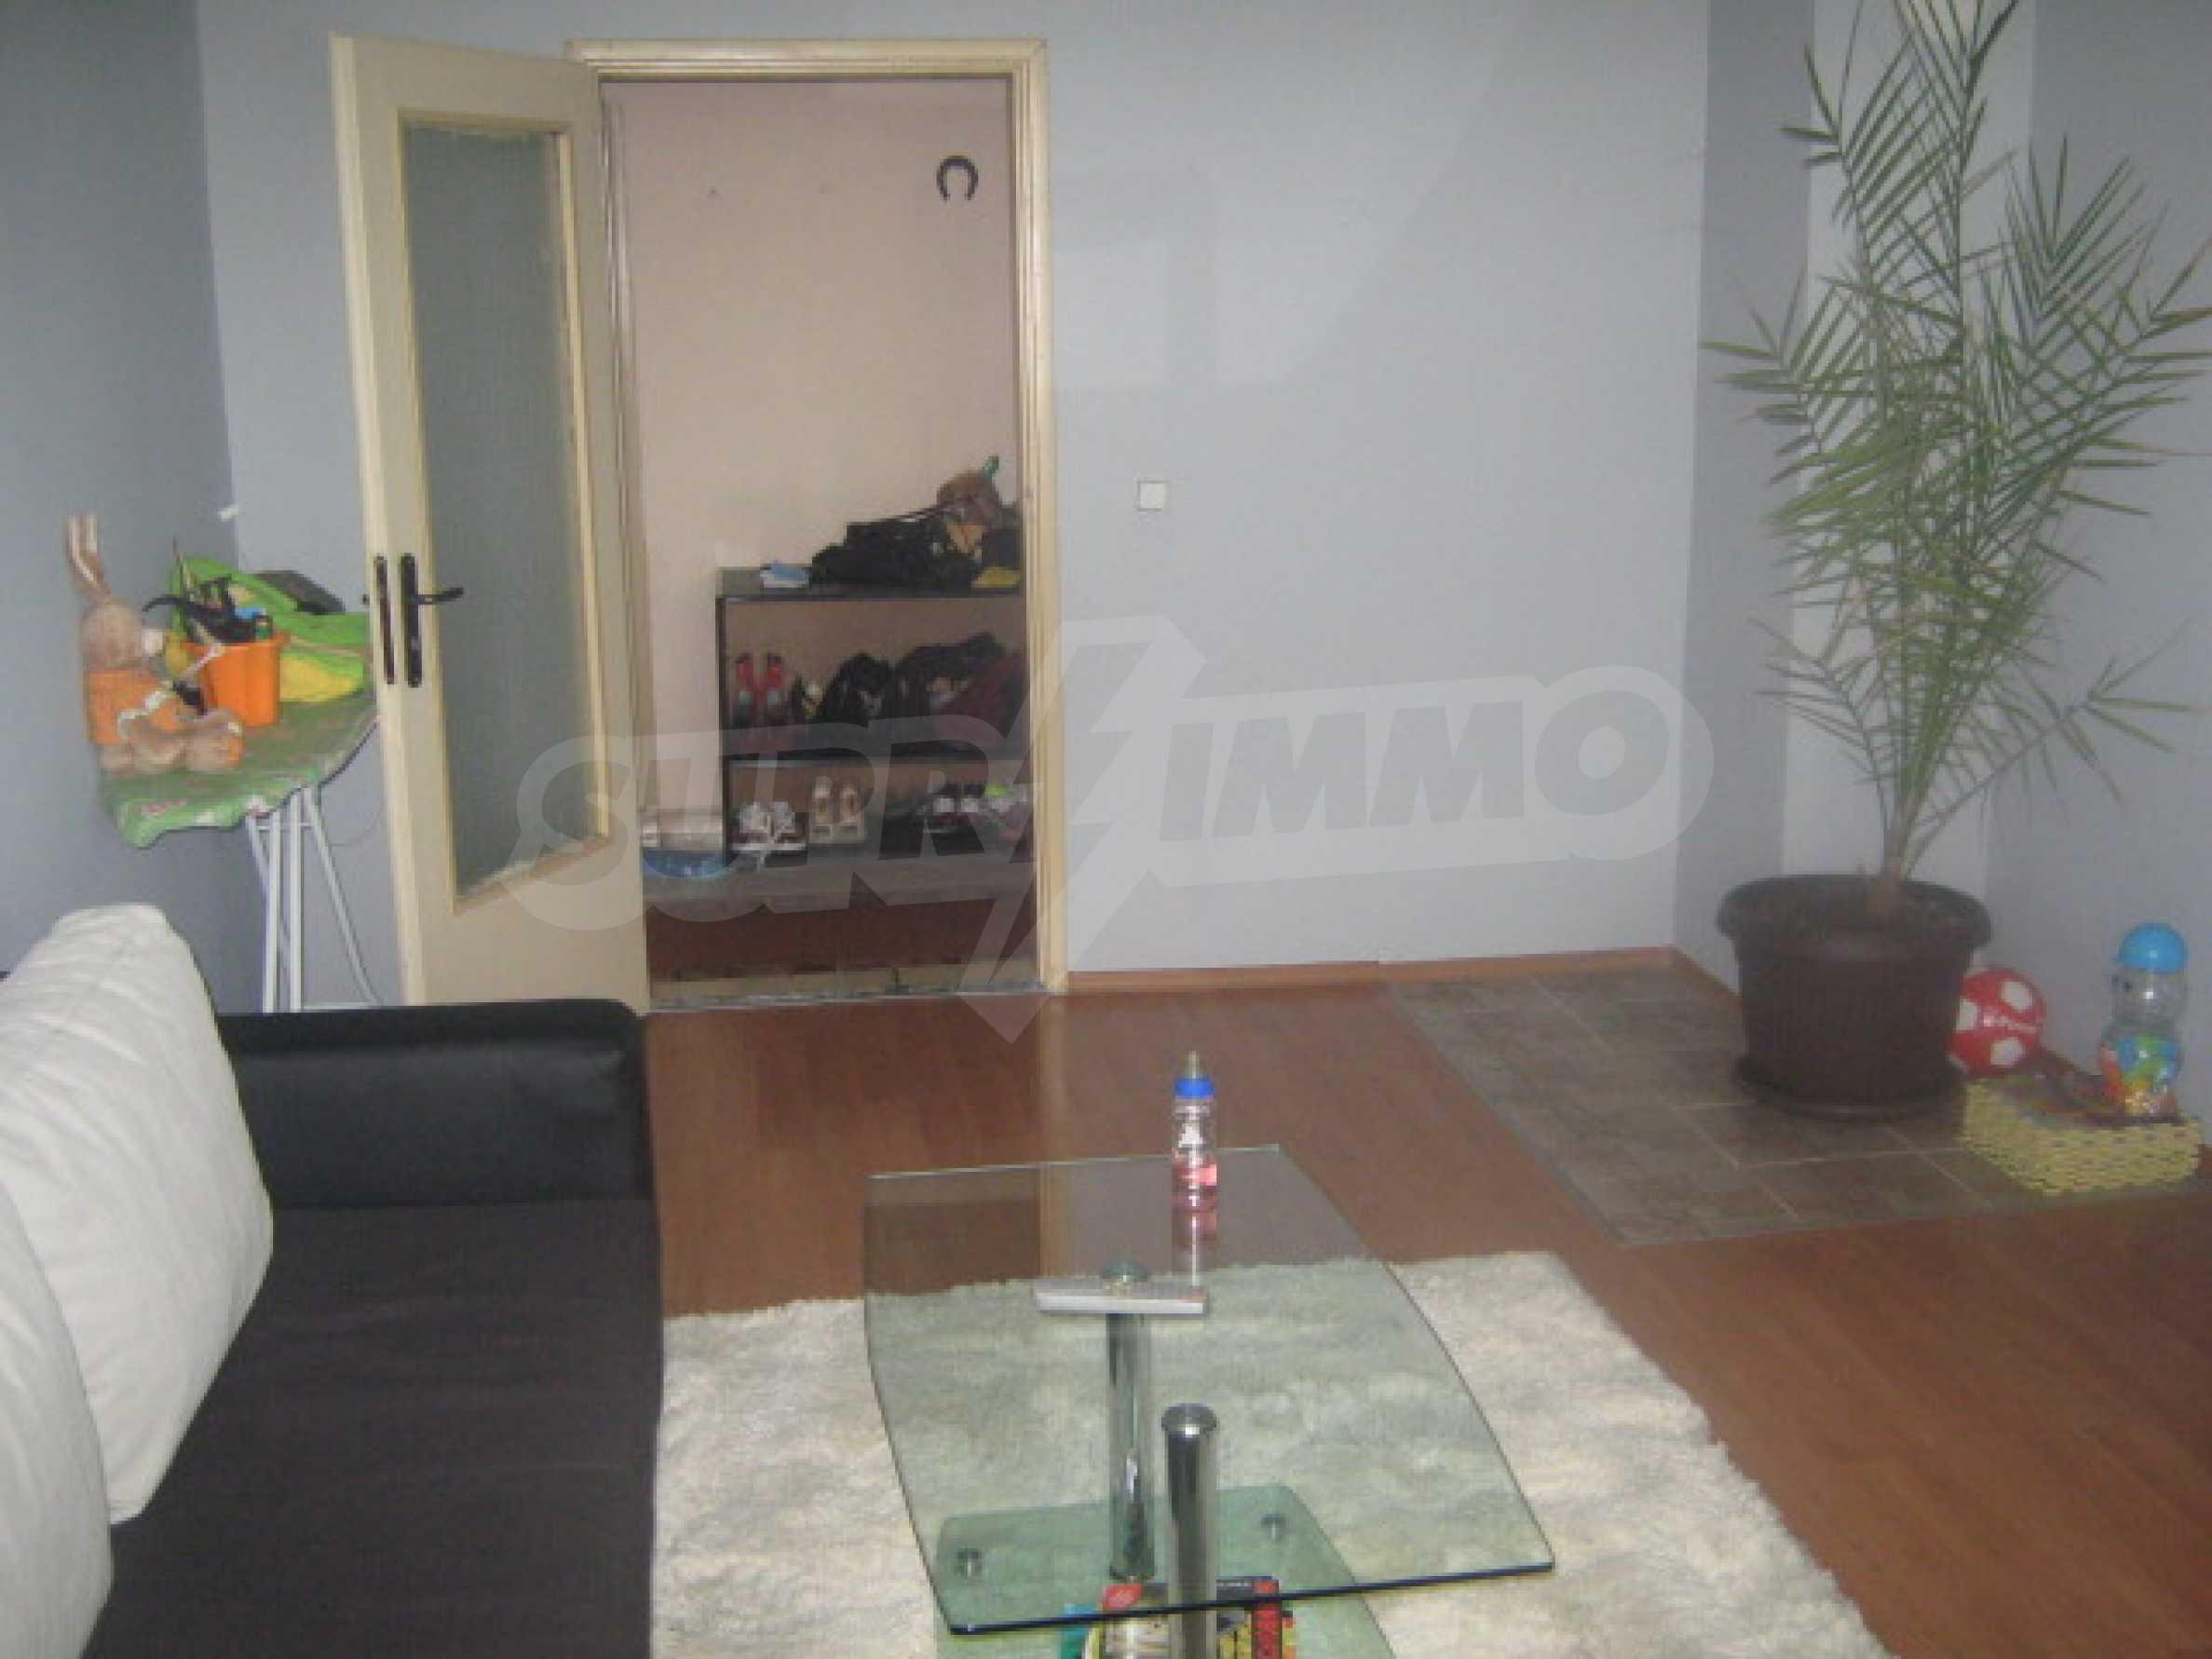 Двустаен апартамент за продажба във гр. Видин 2